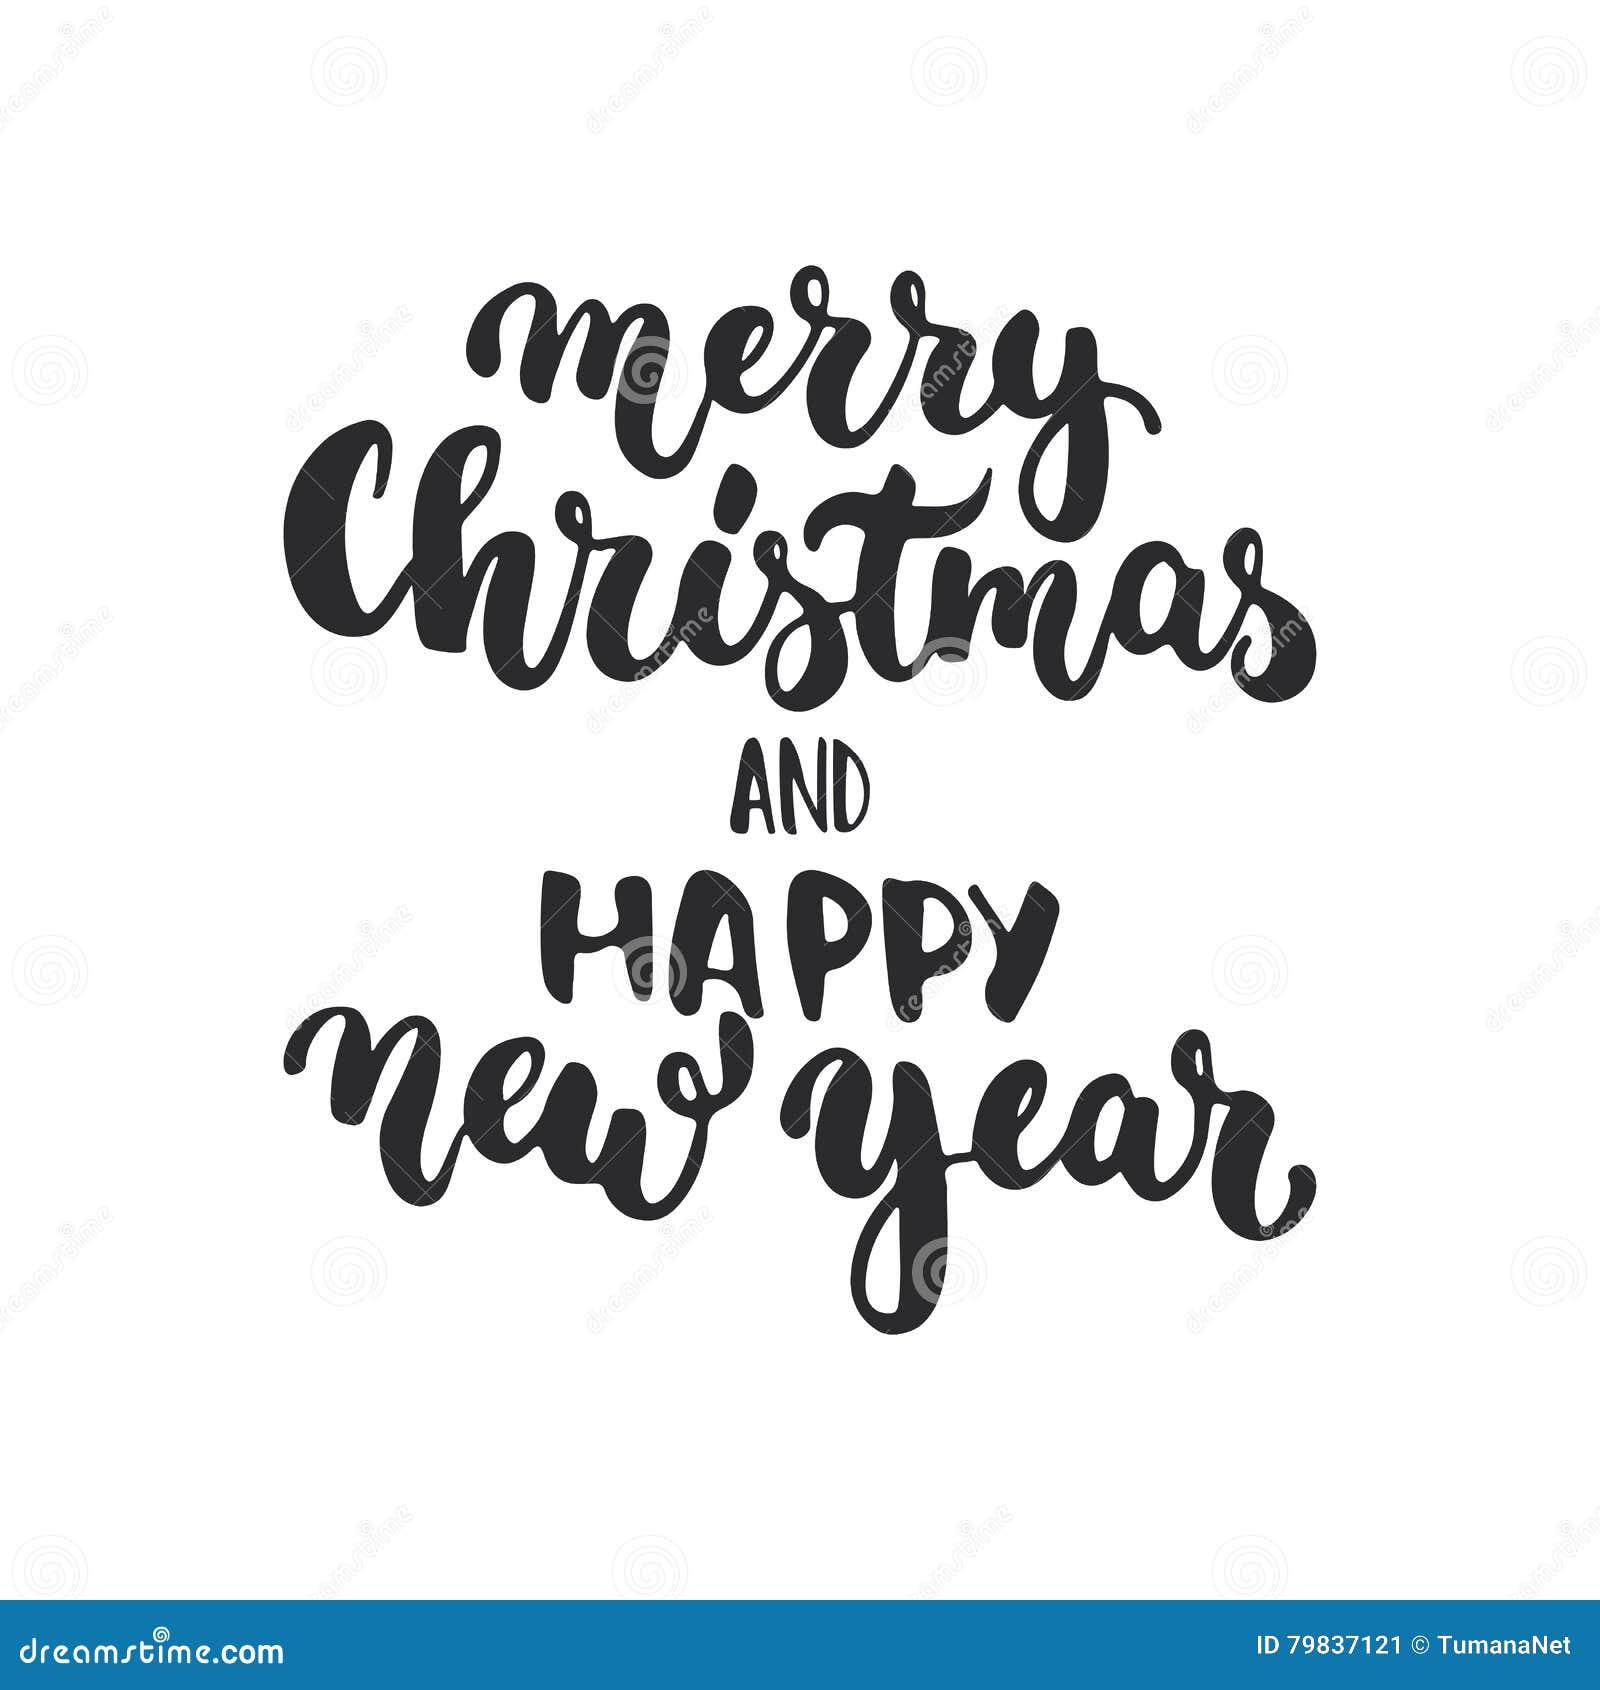 Frasi Natale E Buon Anno.Buon Natale E Buon Anno Frase Di Calligrafia Di Festa Dell